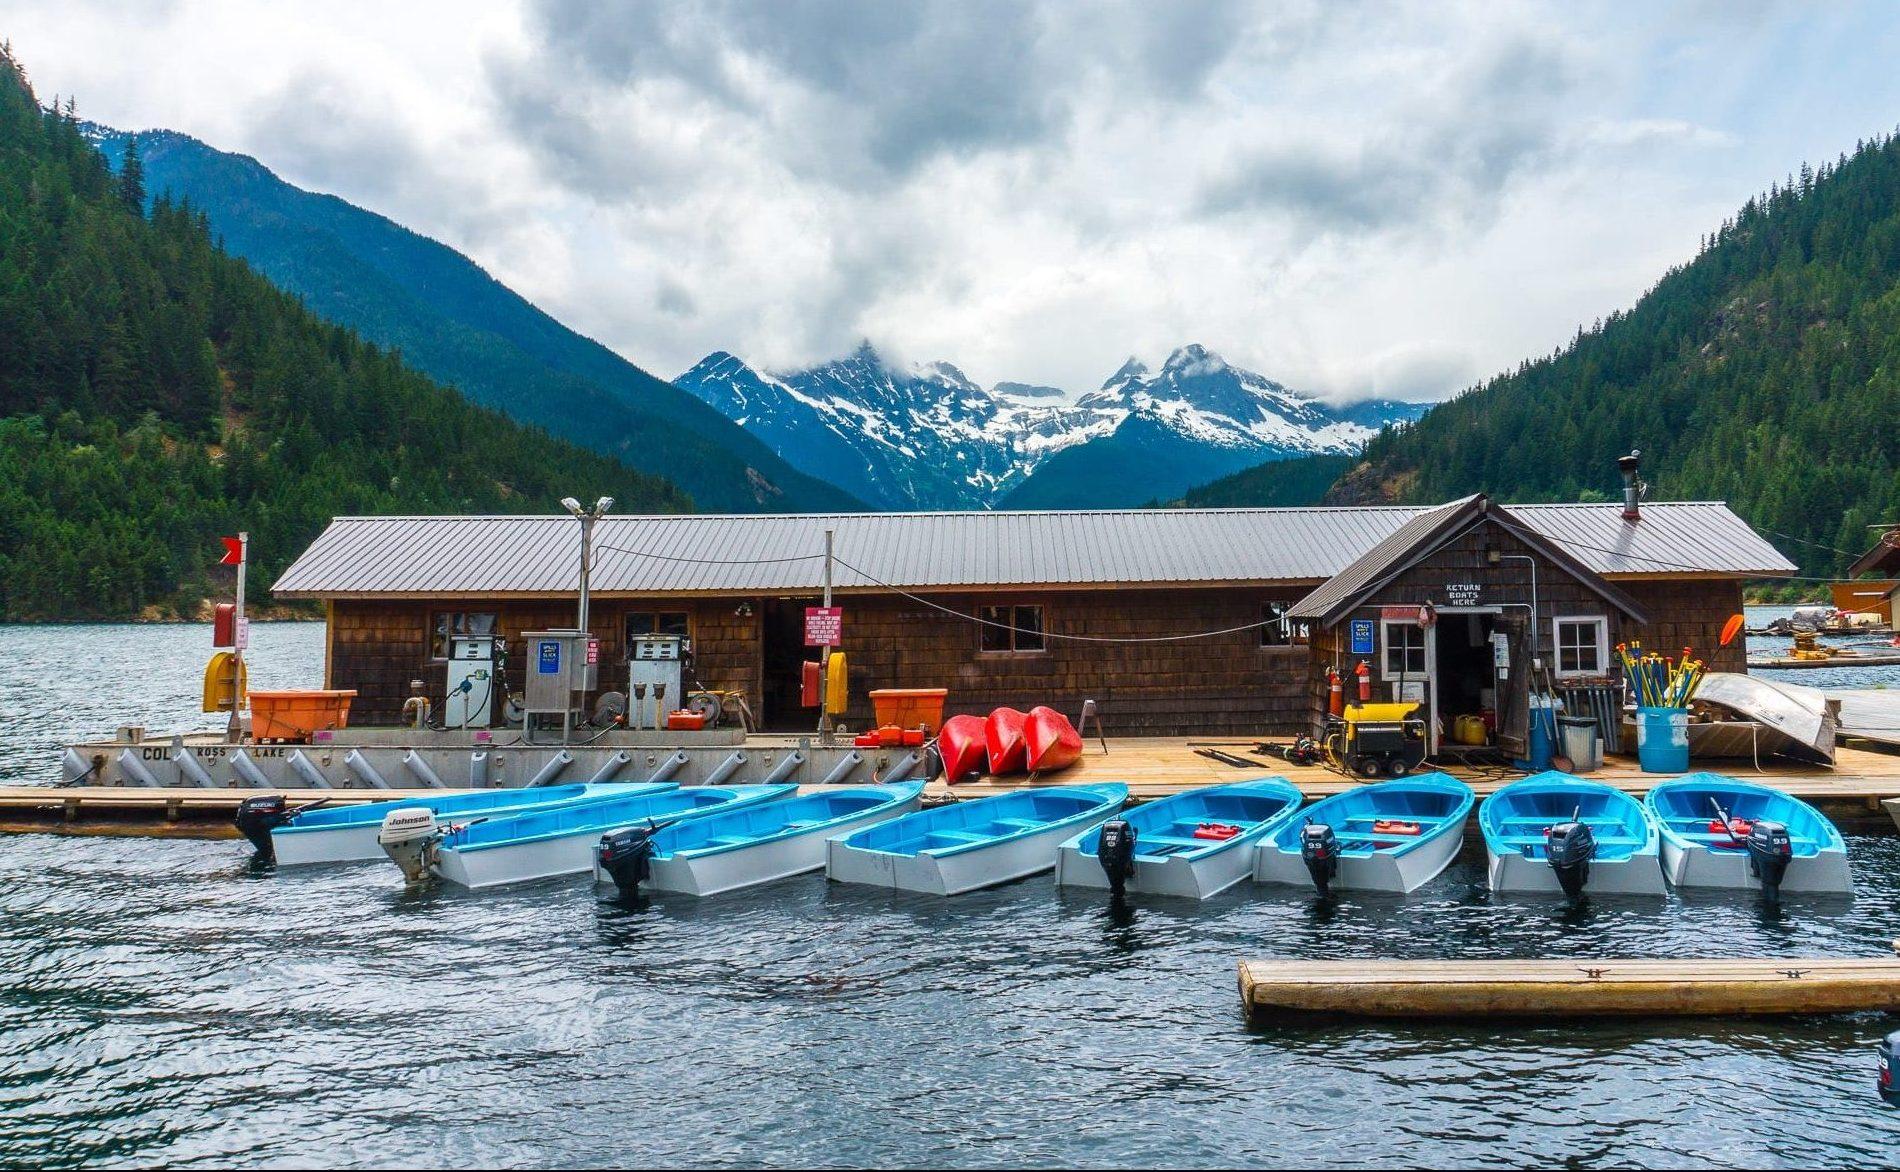 Ross Lake Resort Floating Lakefront Paradise  Fun Life